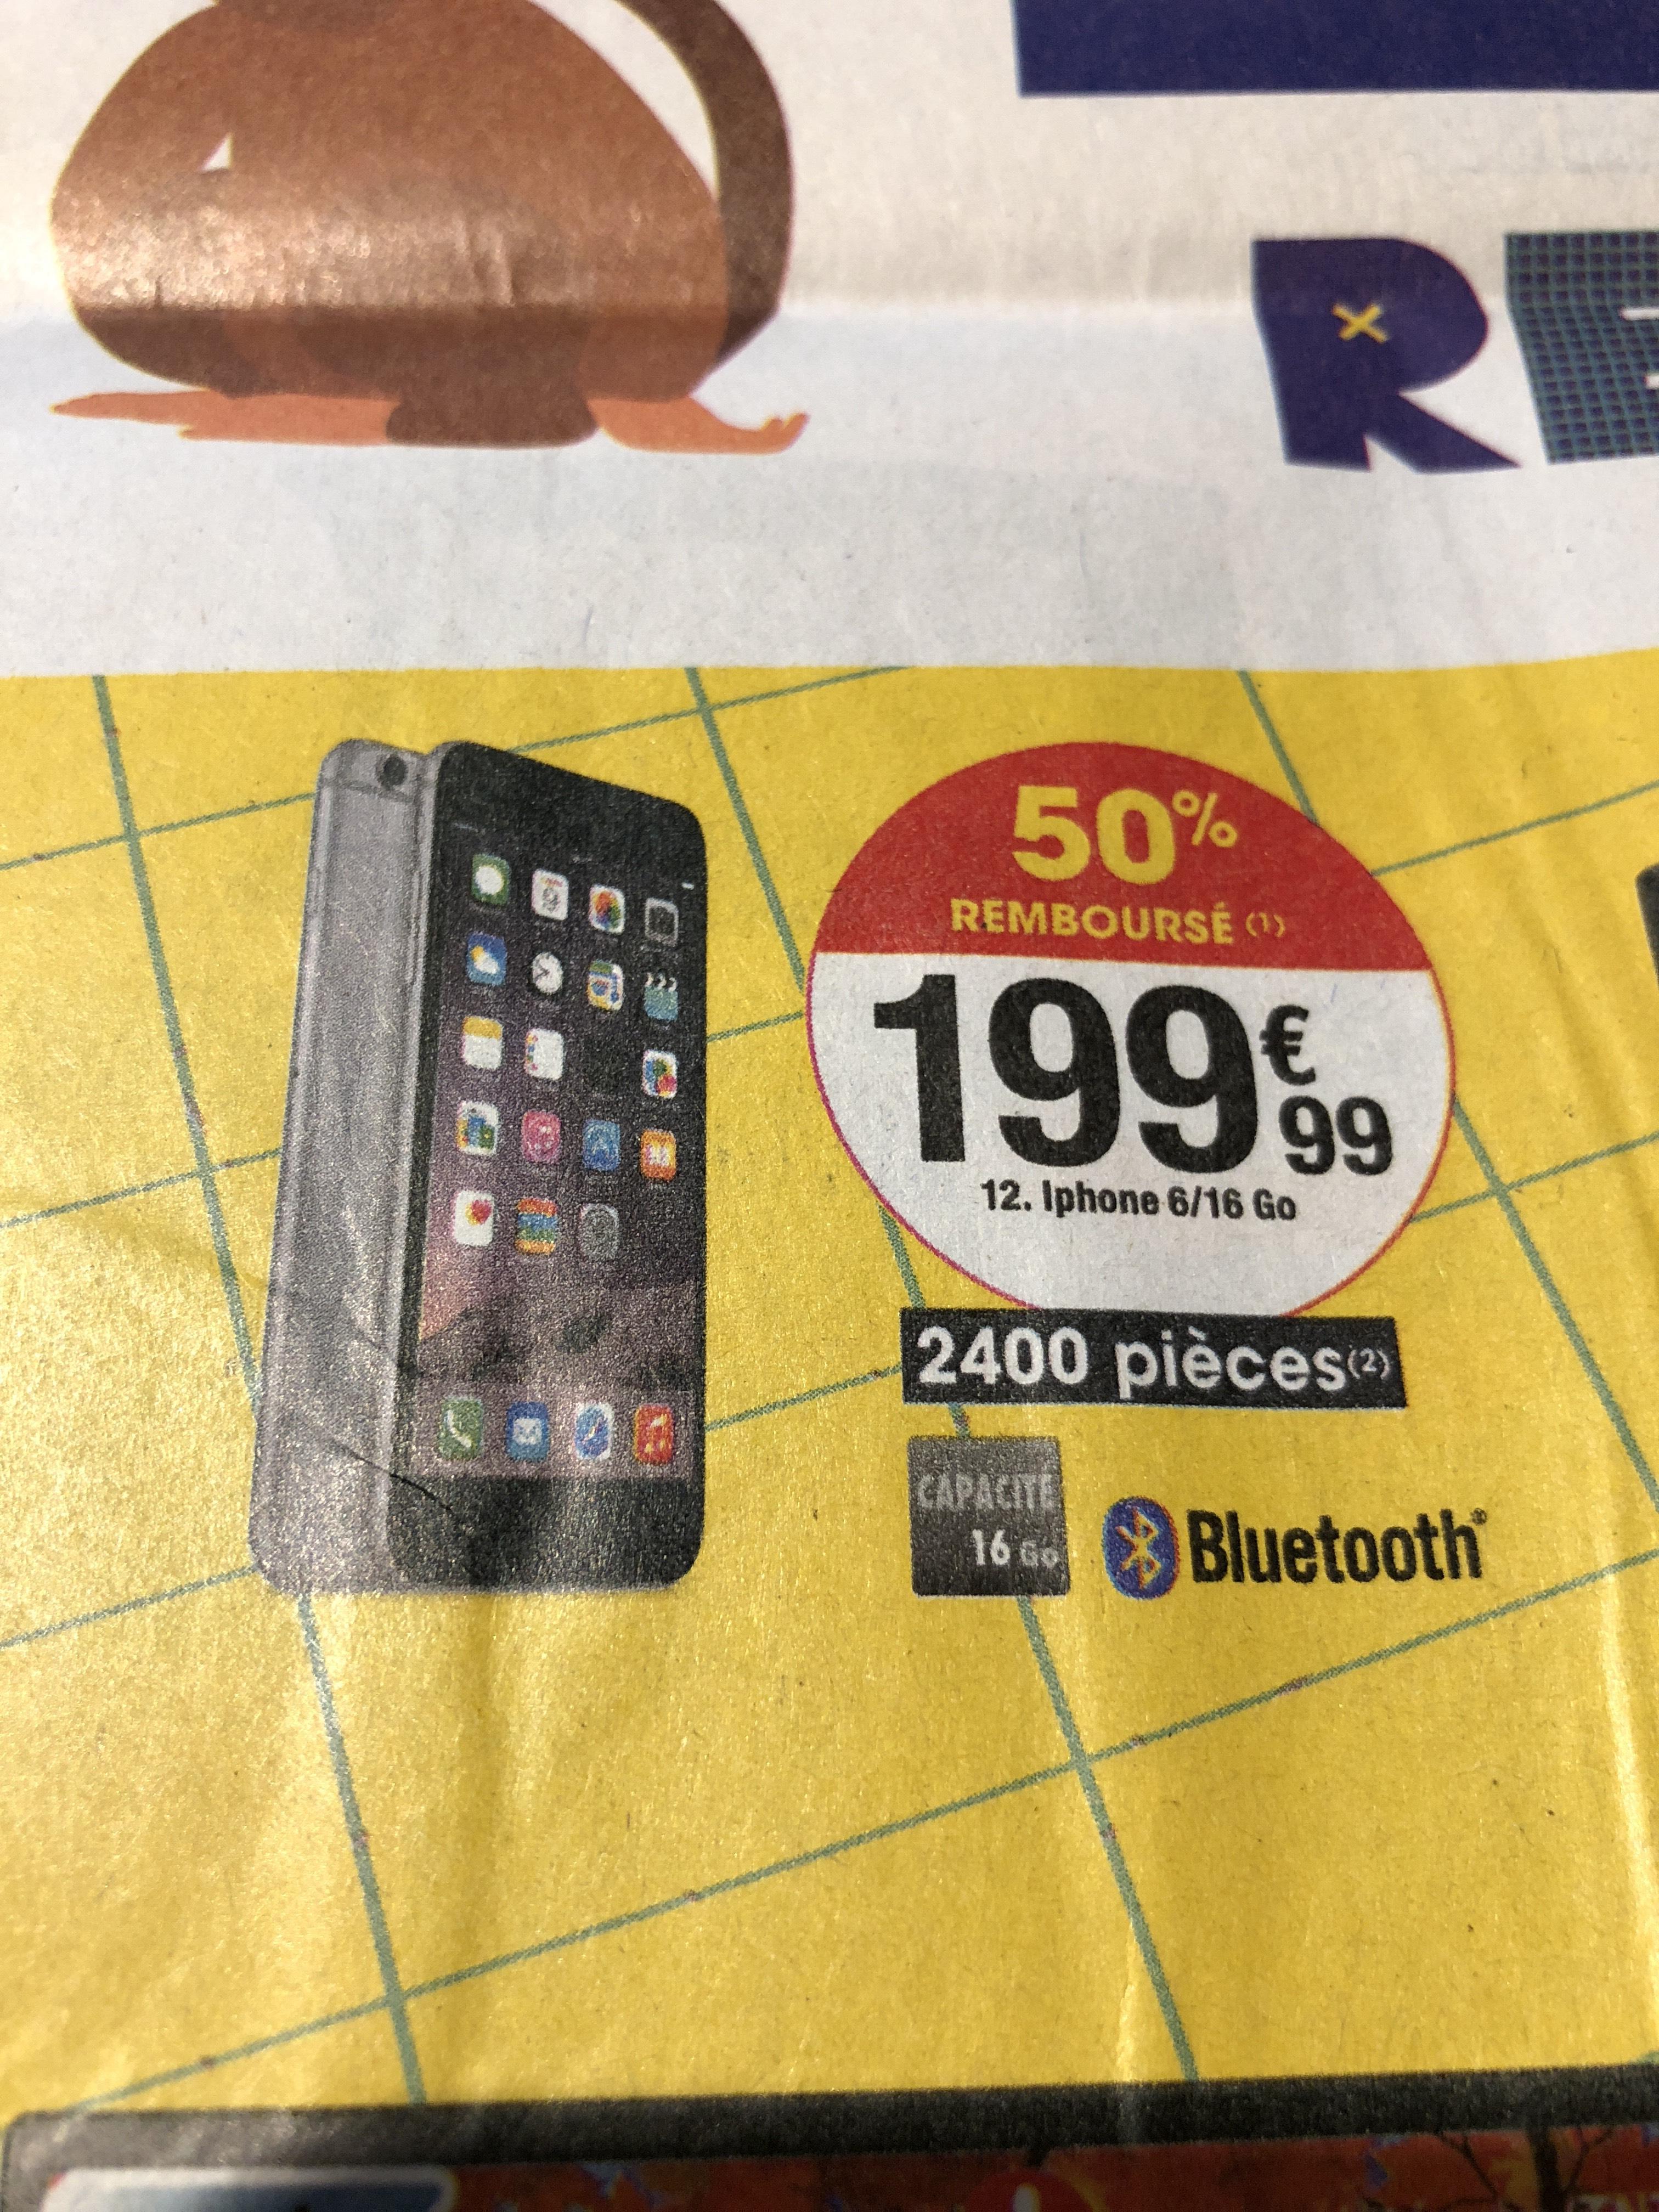 """Smartphone 4.7"""" Apple iPhone 6 - 16Go, Reconditionné (+ 100€ remboursé en bons d'achat)"""